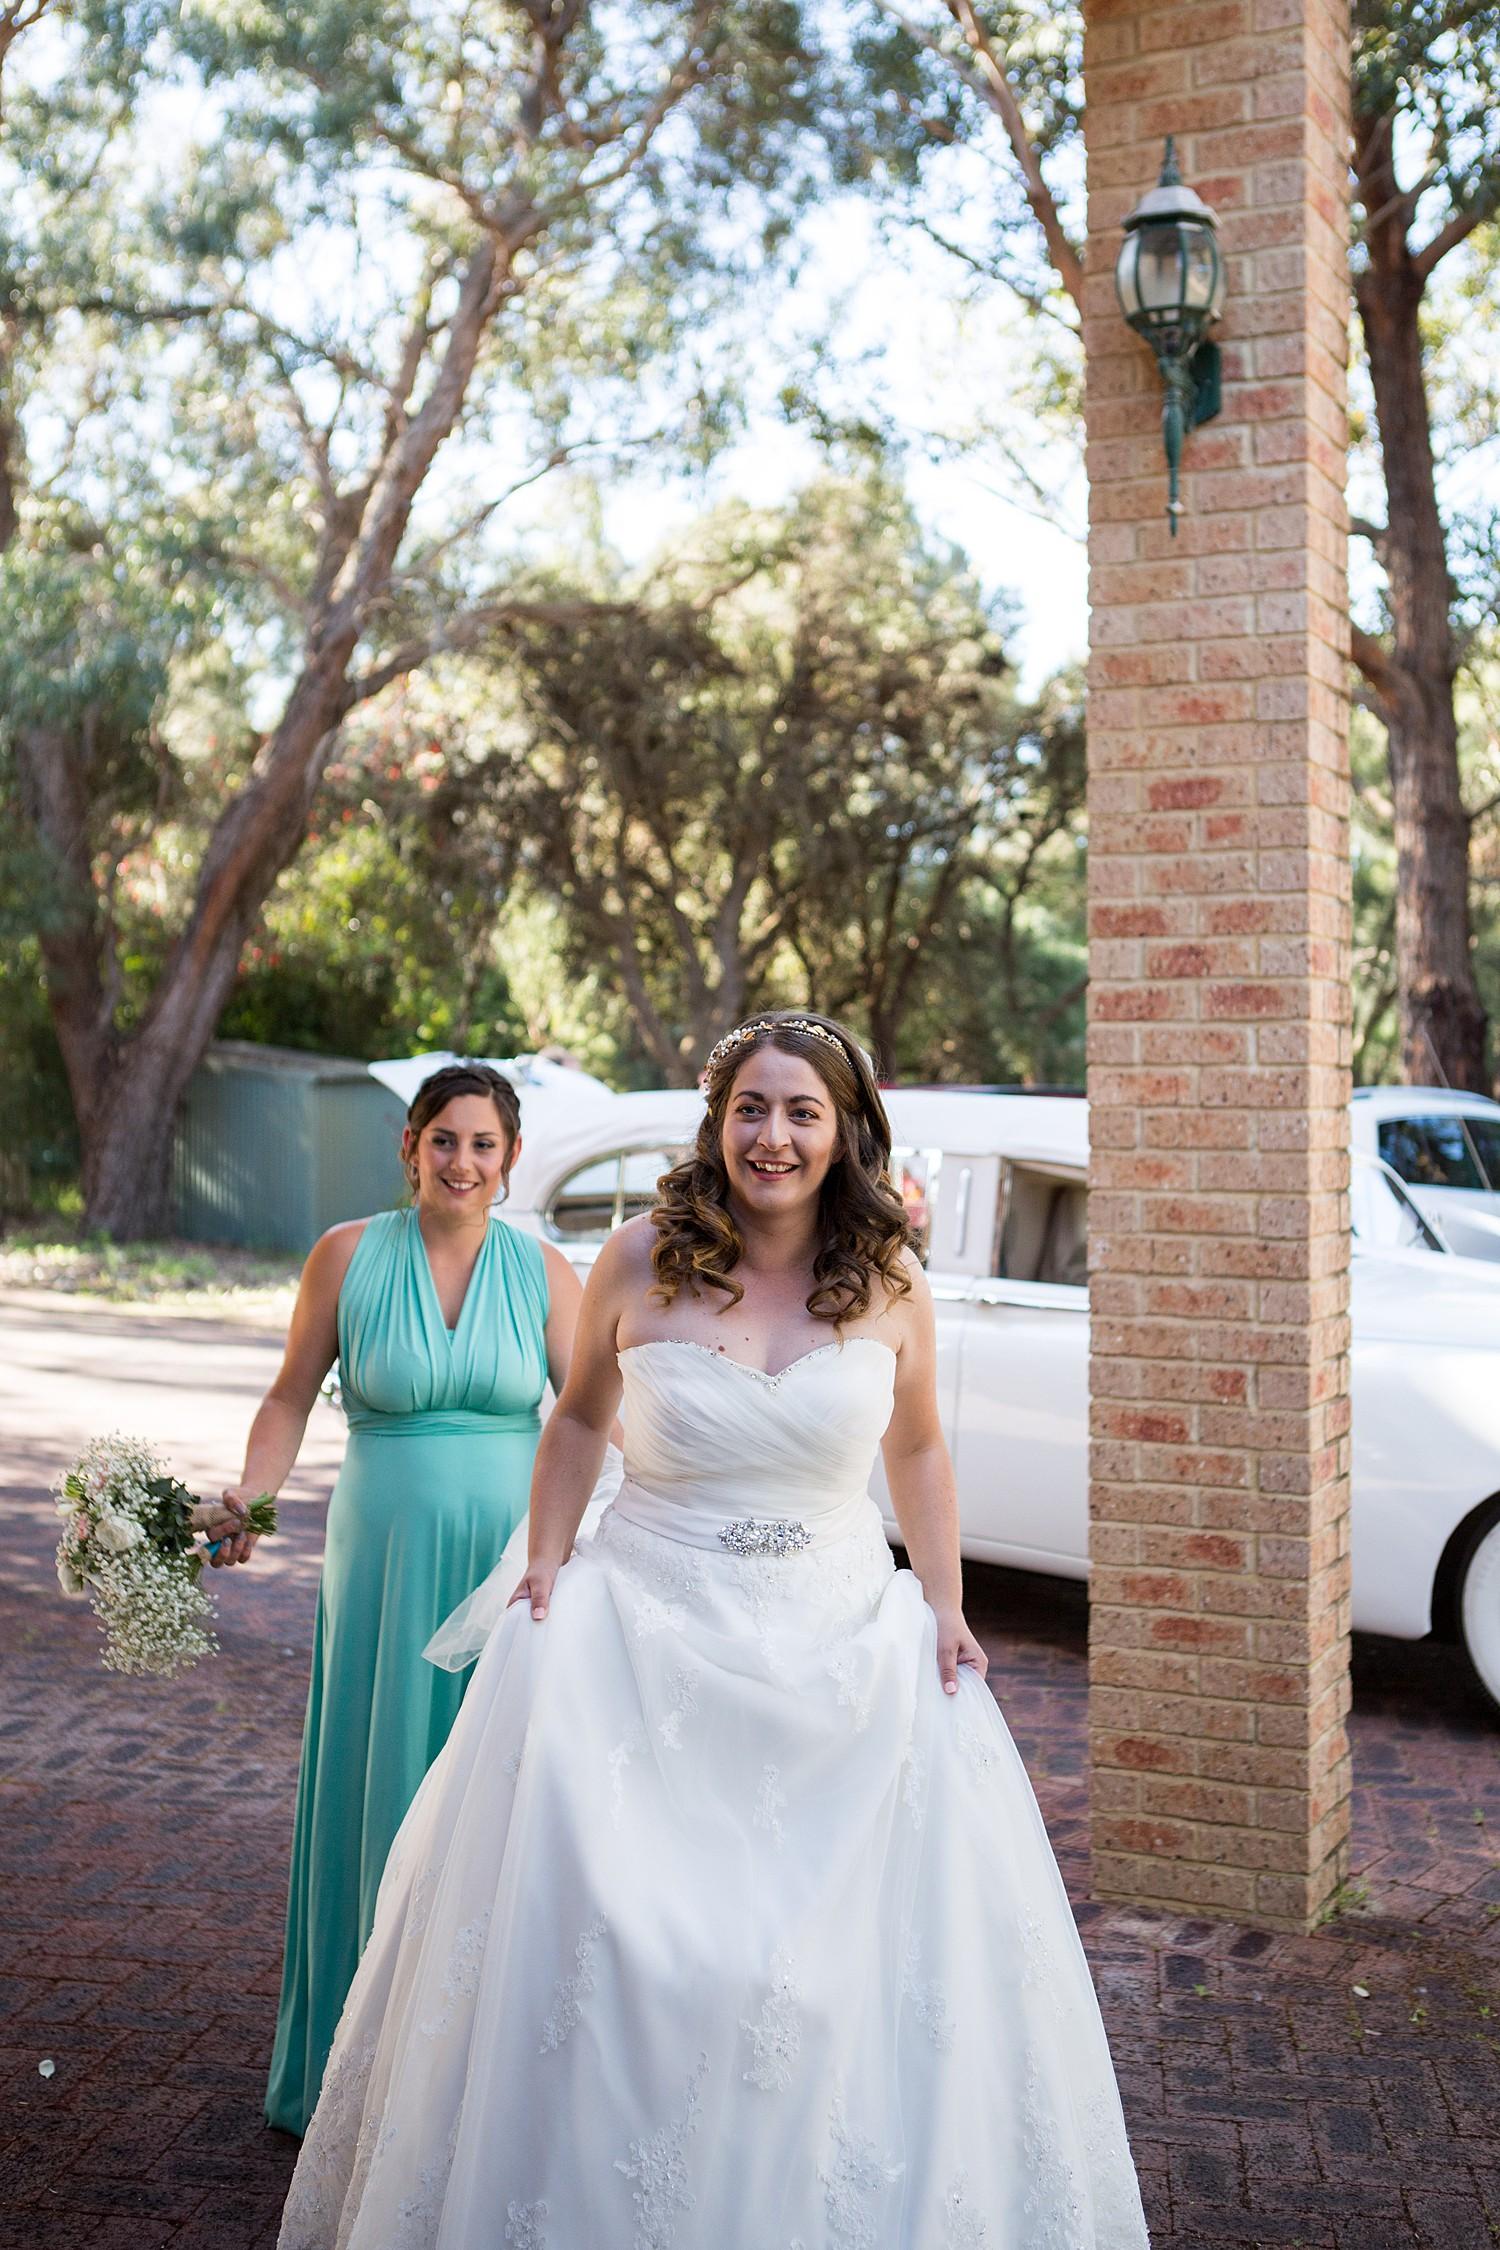 perth_wedding_spring_bridgeleigh_estate_0031.jpg